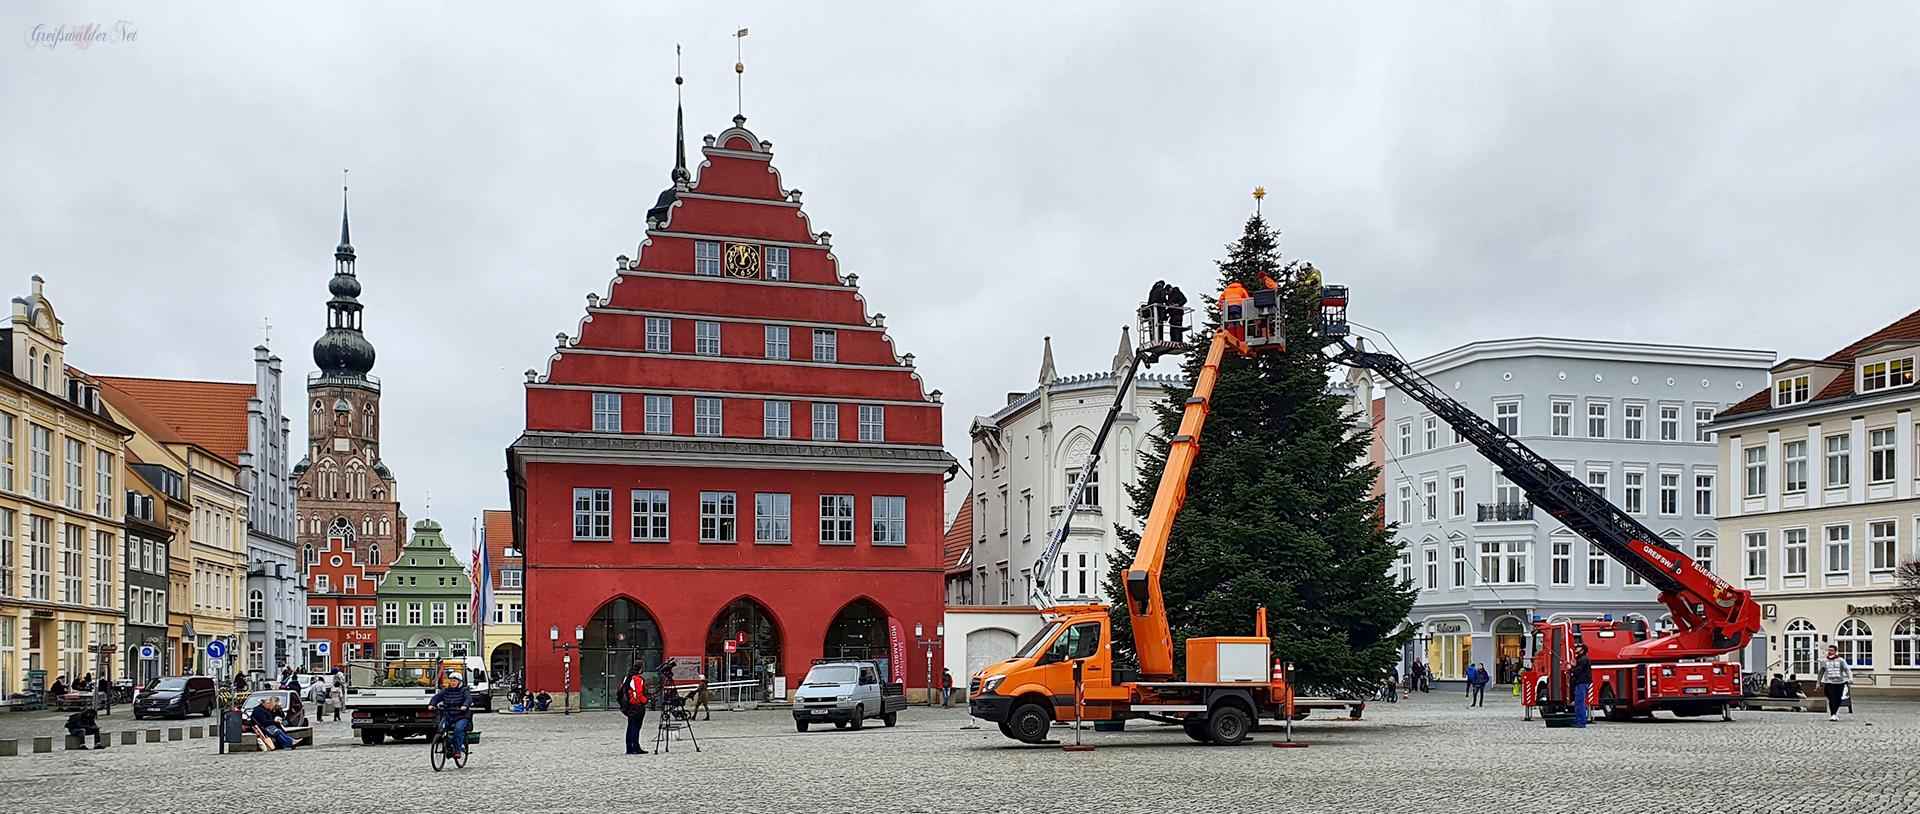 Weihnachtsbaum auf dem Marktplatz Greifswald aufgestellt. Die Weihnachtstanne ist eine kaukasische Nordmanntanne aus Züssow.